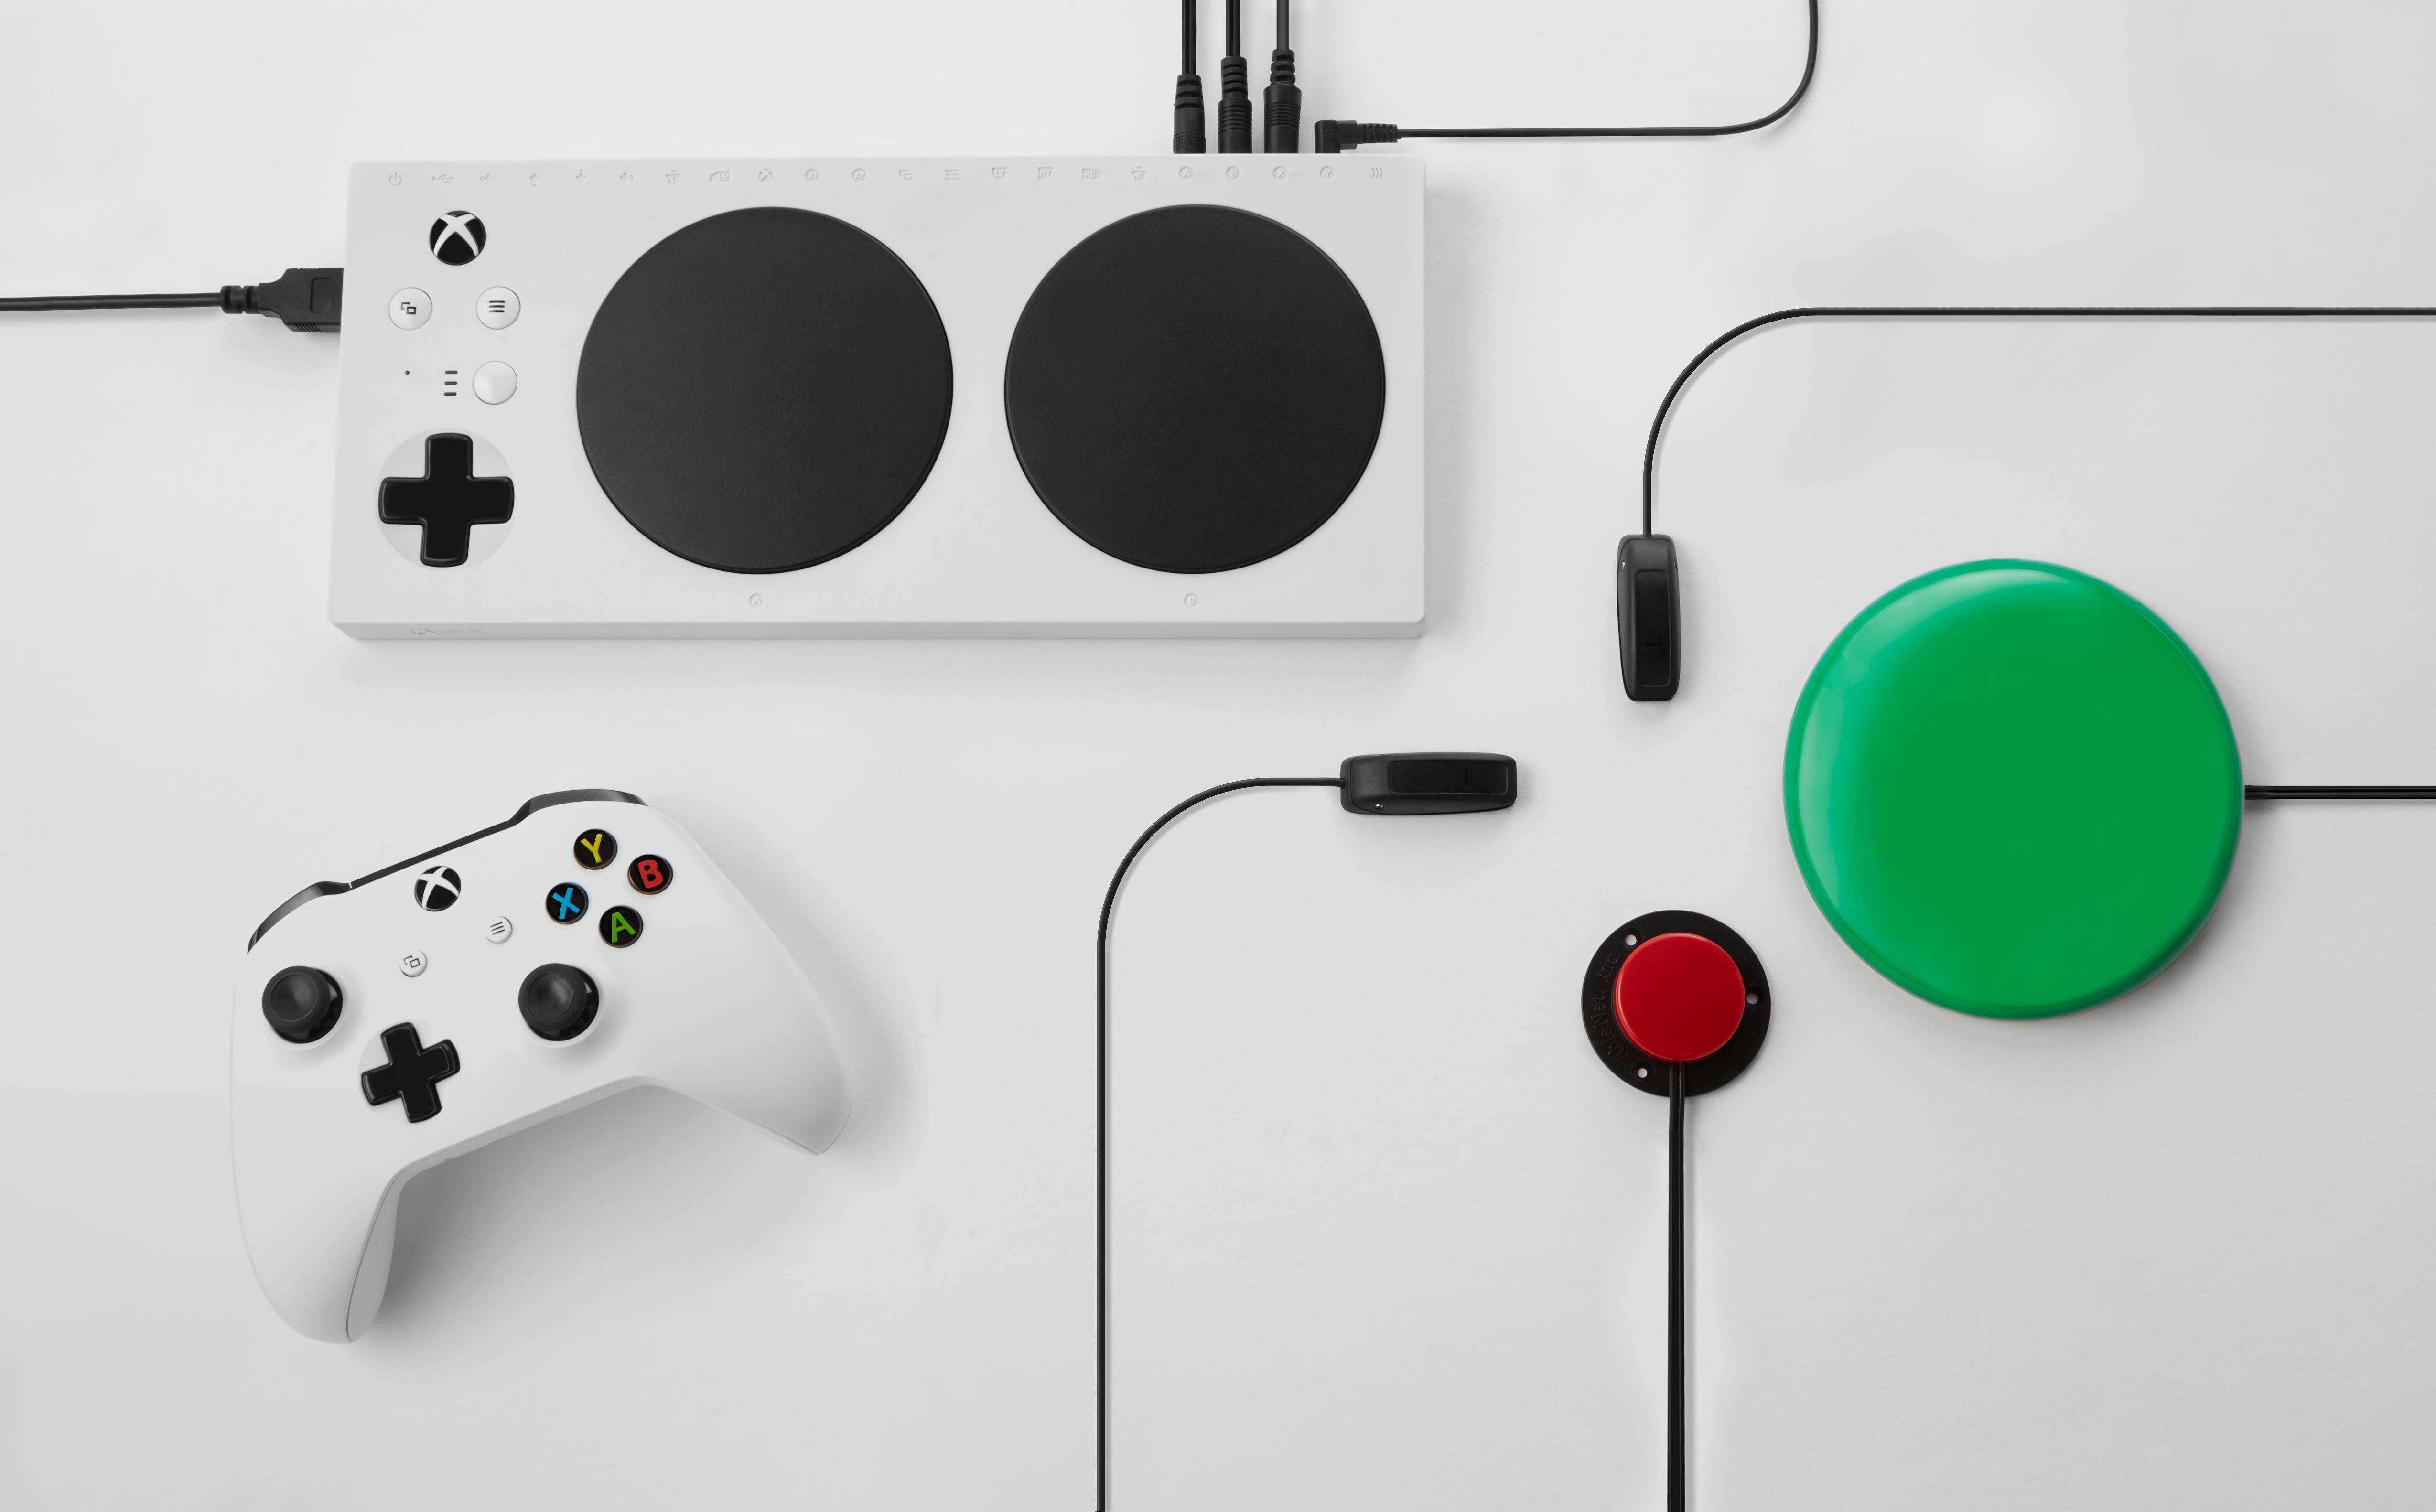 H Microsoft ανακοίνωσε ένα νέο τηλεχειριστήριο Xbox One για άτομα με περιορισμένη κινητικότητα